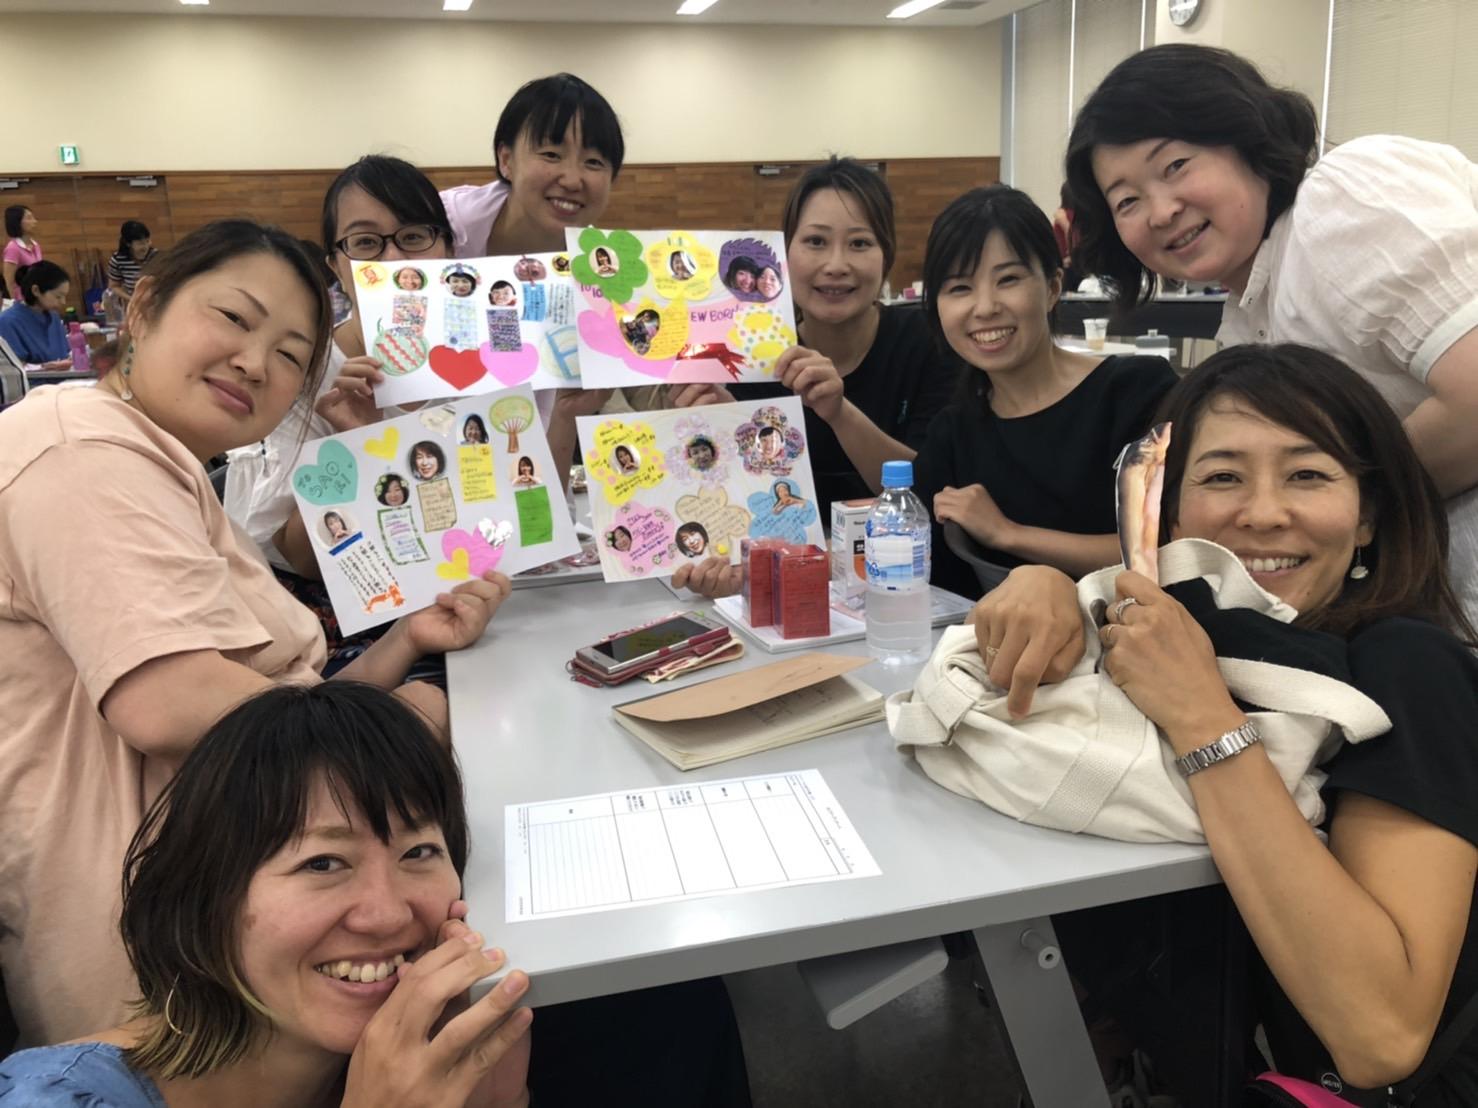 〜5月〜7月のまとめ!自愛〜 1010HAPPY藤沢 Bグループ感想